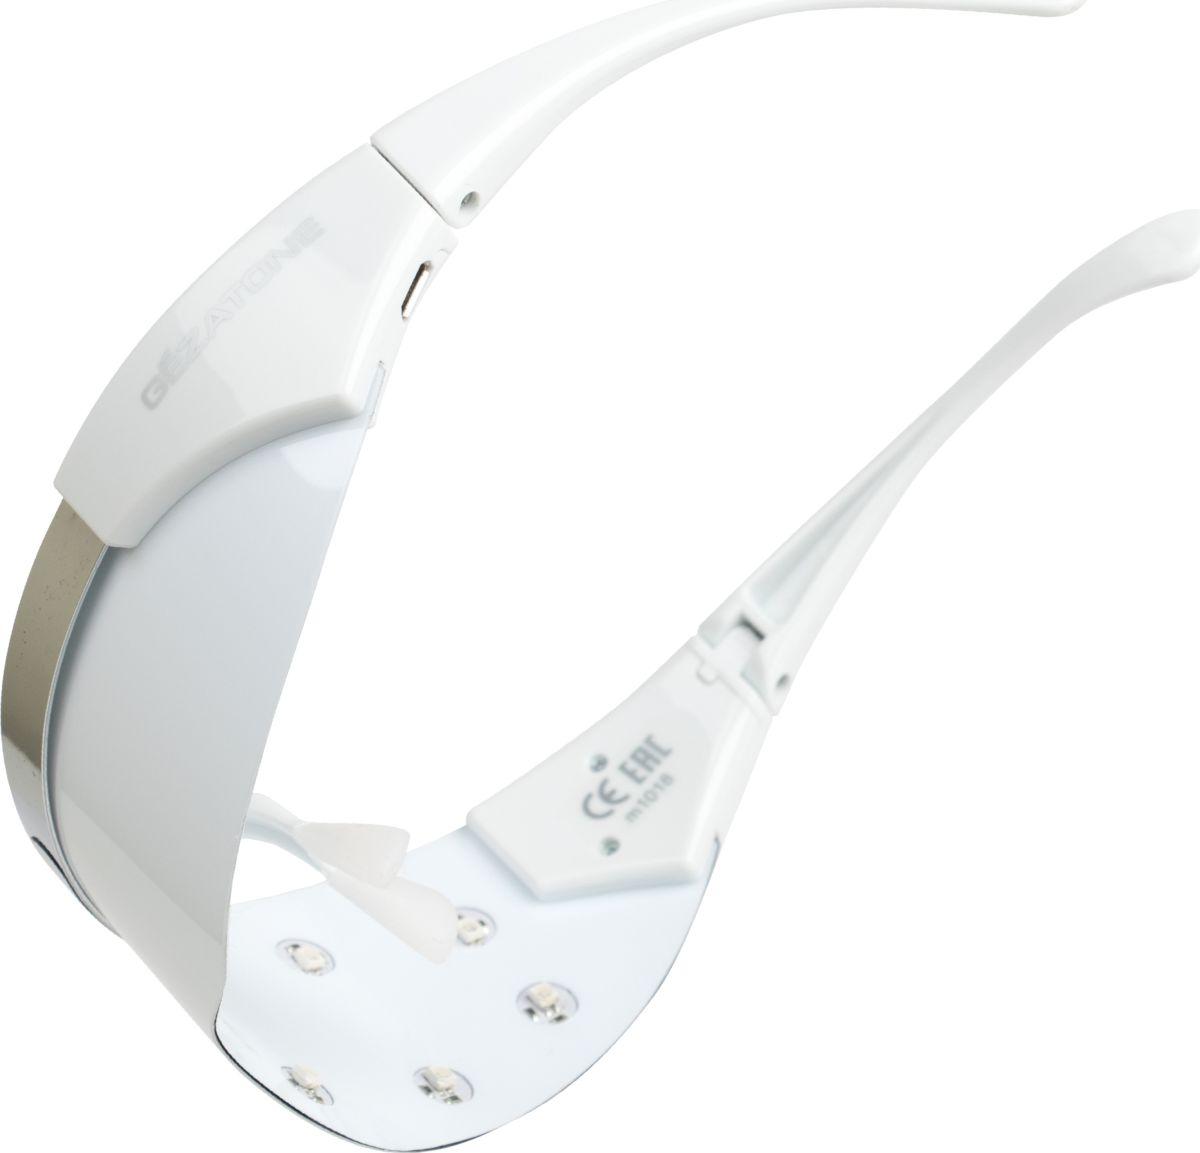 Gezatone m1018Прибор по уходу за кожей лица Светодиодная маска от Gezatone – это небольшой прибор, который...